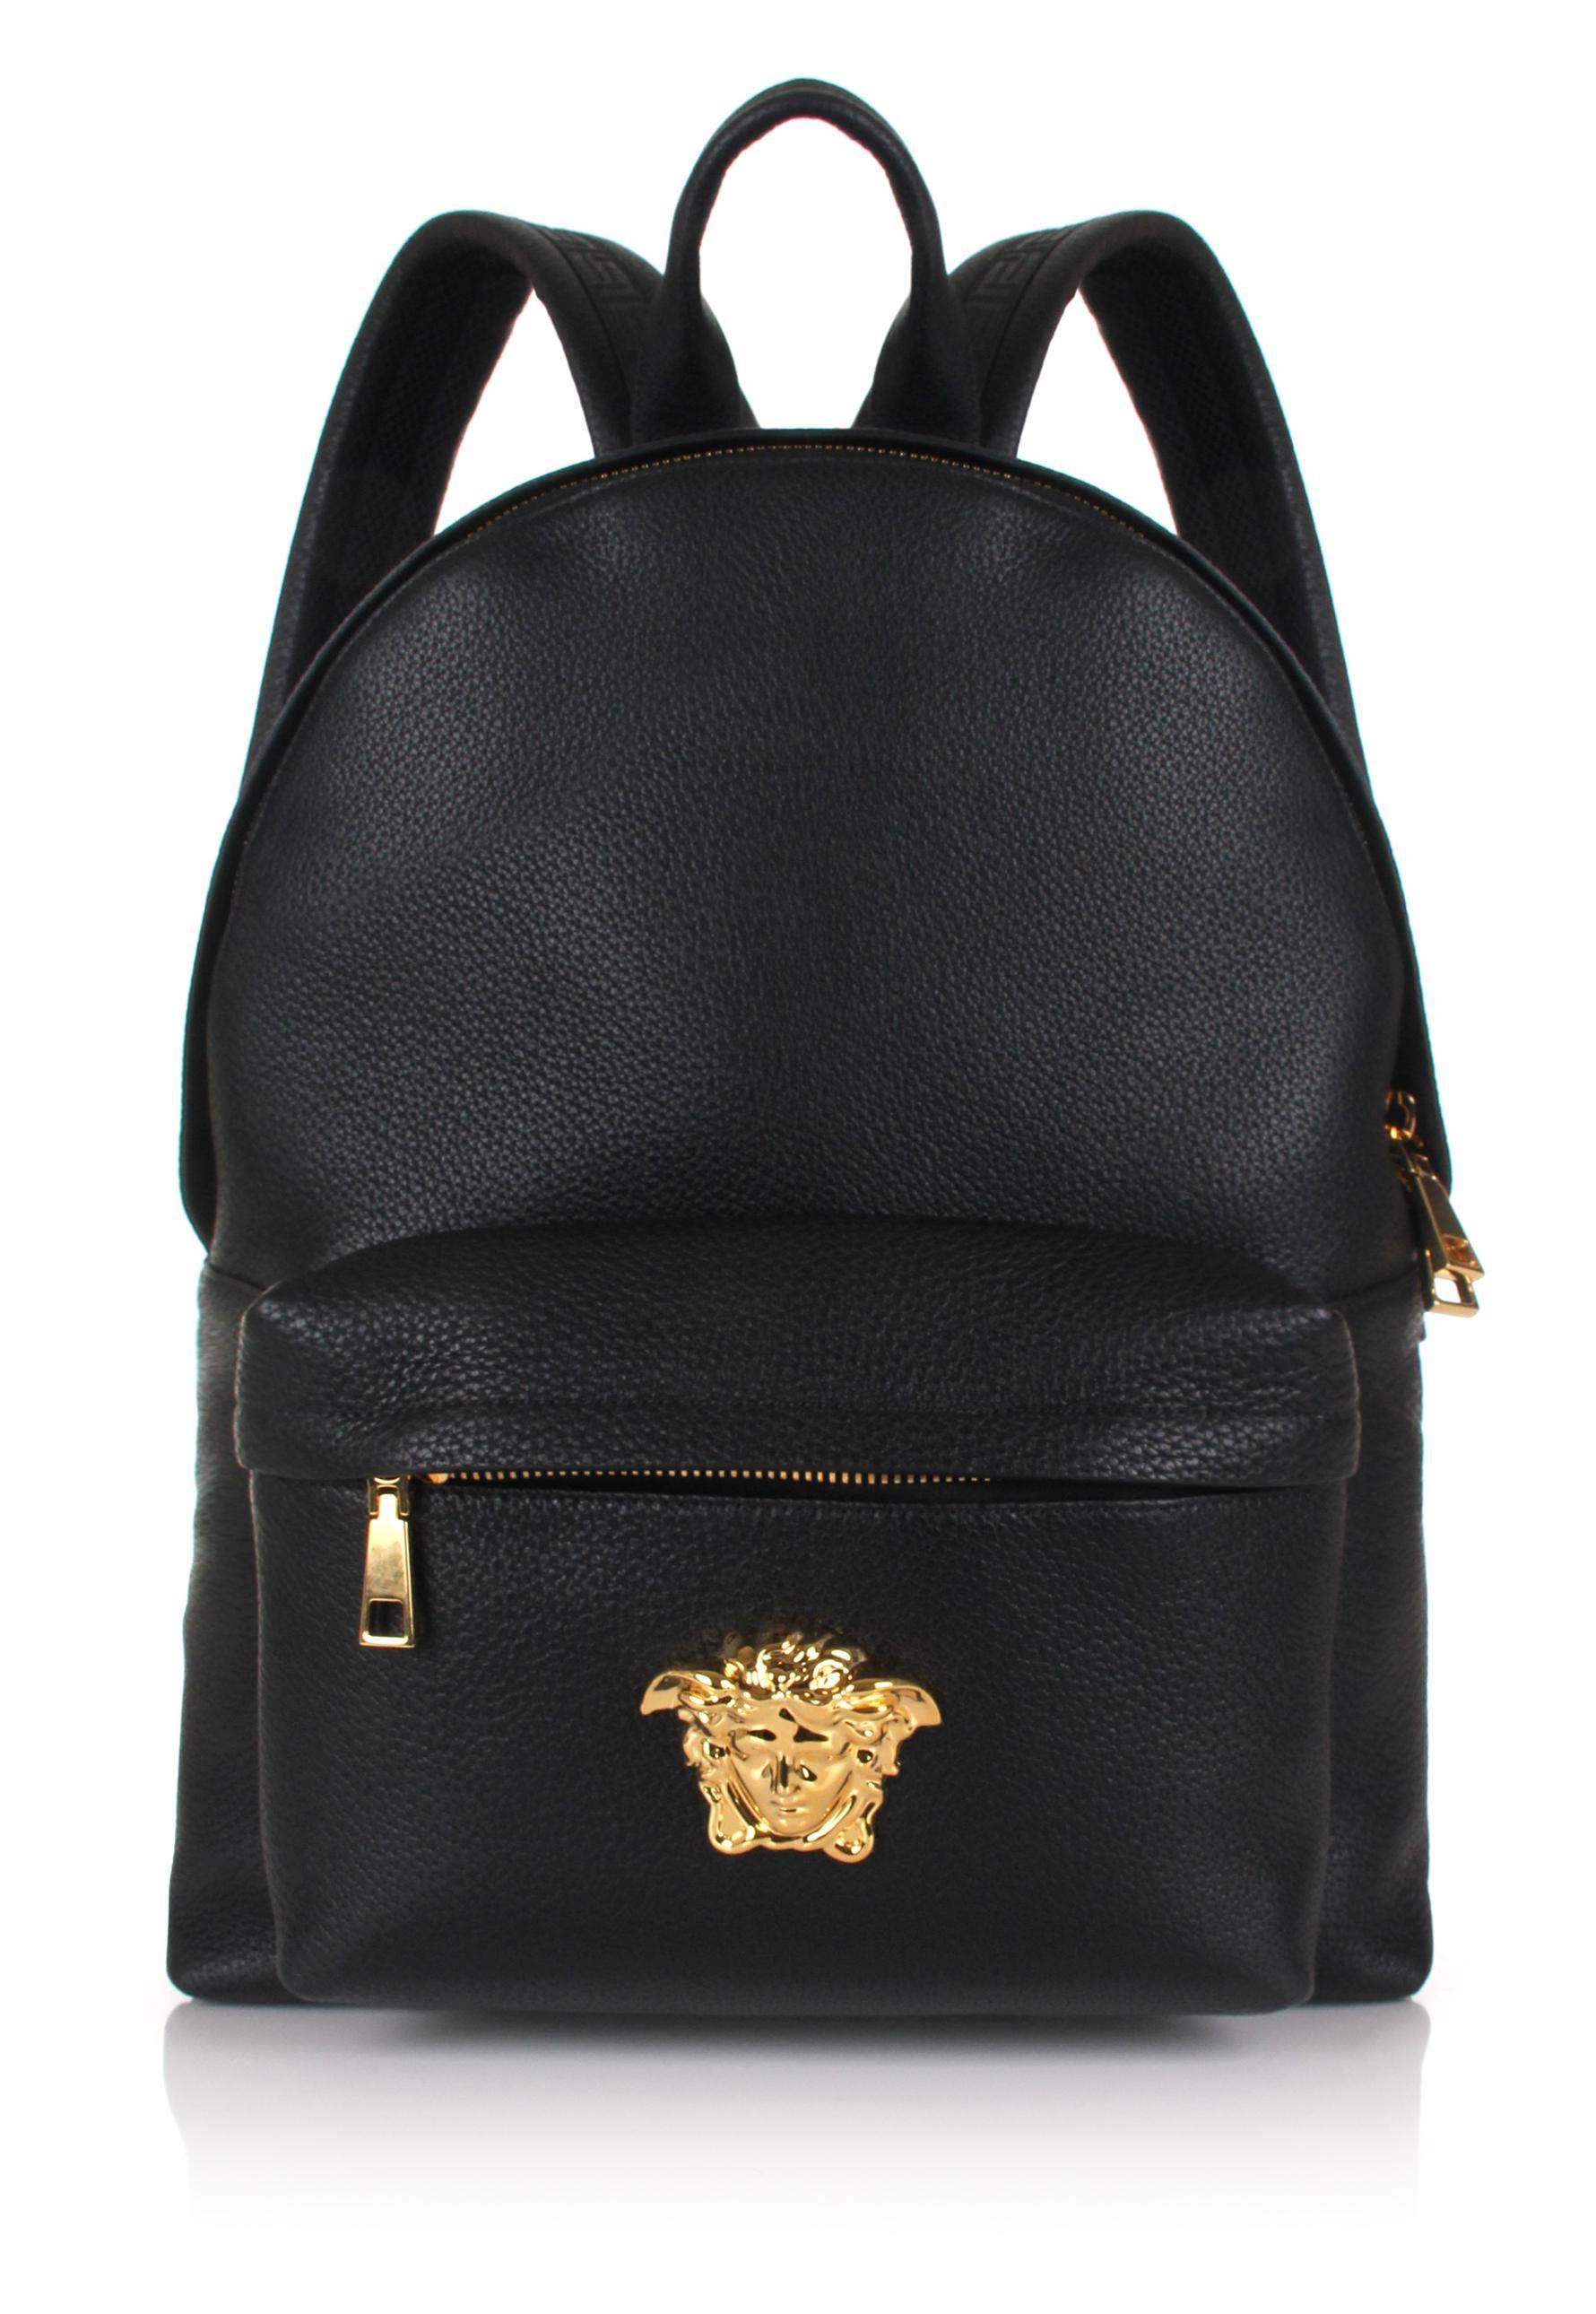 Versace Men S Medusa Leather Backpack Black Gold